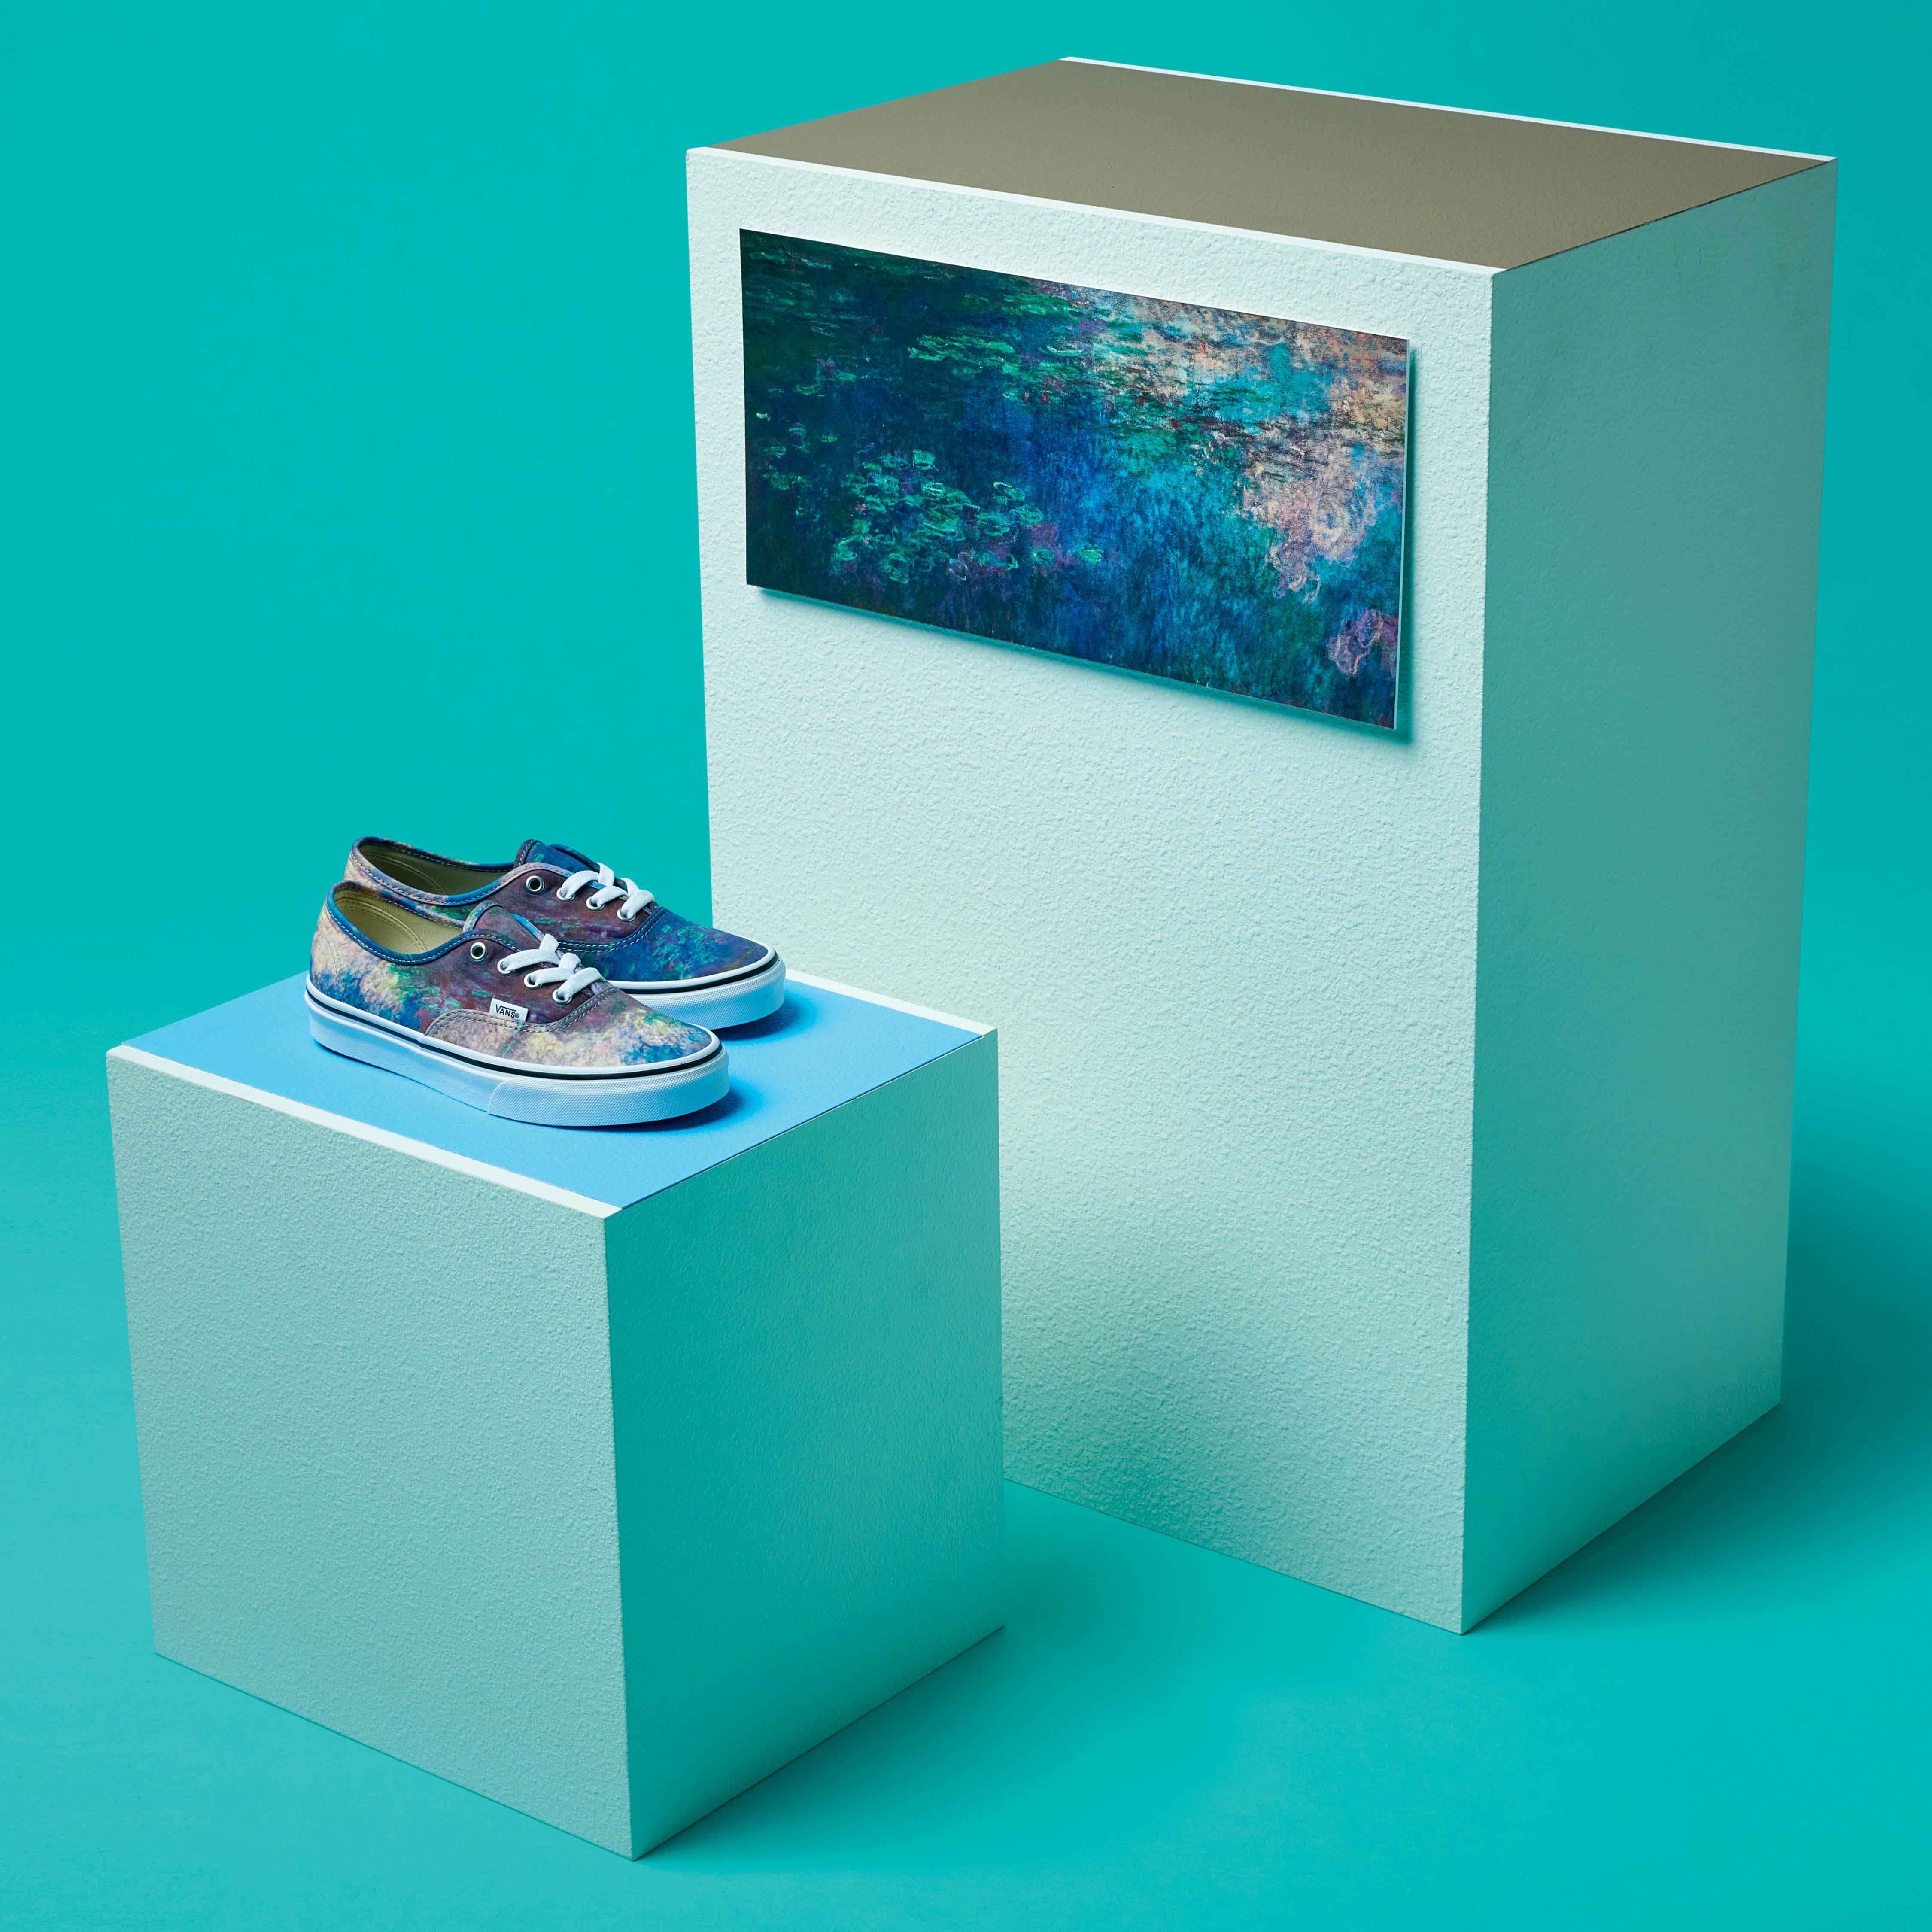 Vans và MoMA bộ sư tập hoành tráng nhất năm kết hợp với water lilies